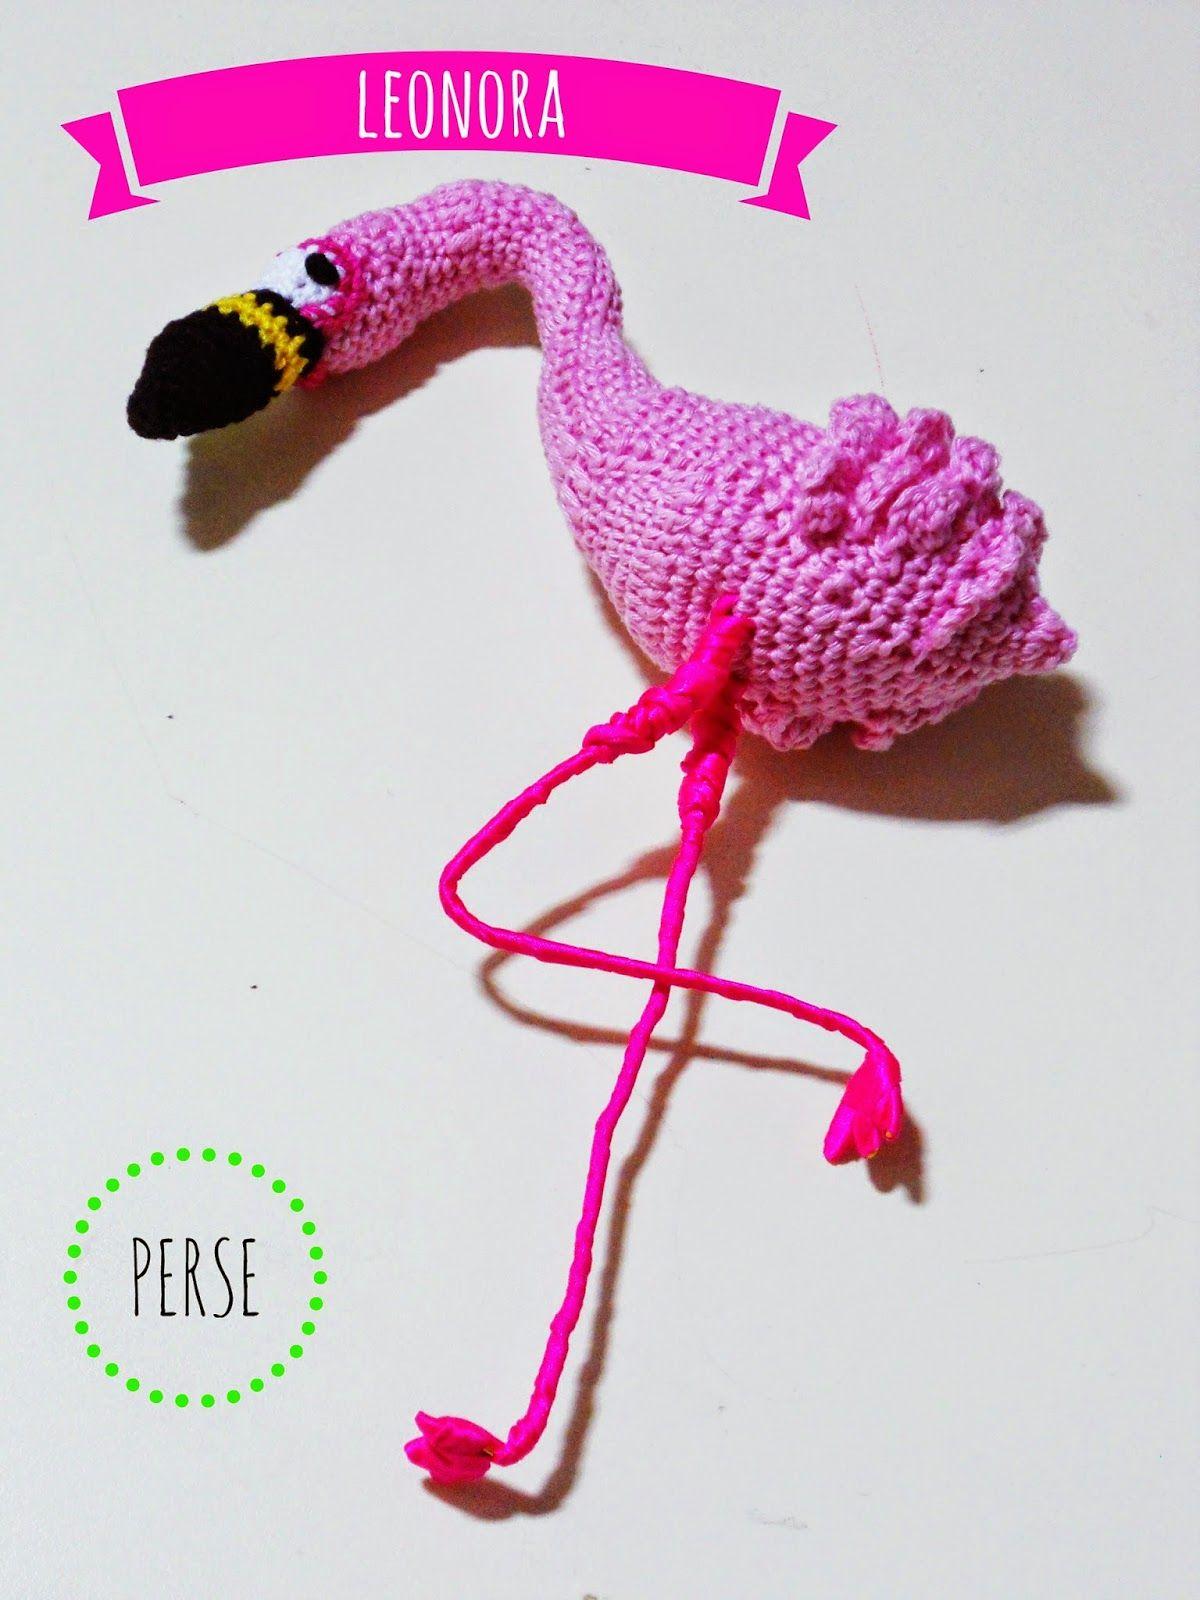 El blog de Perse: Leonora, pink flamingo amigurumi crochet patrón ...